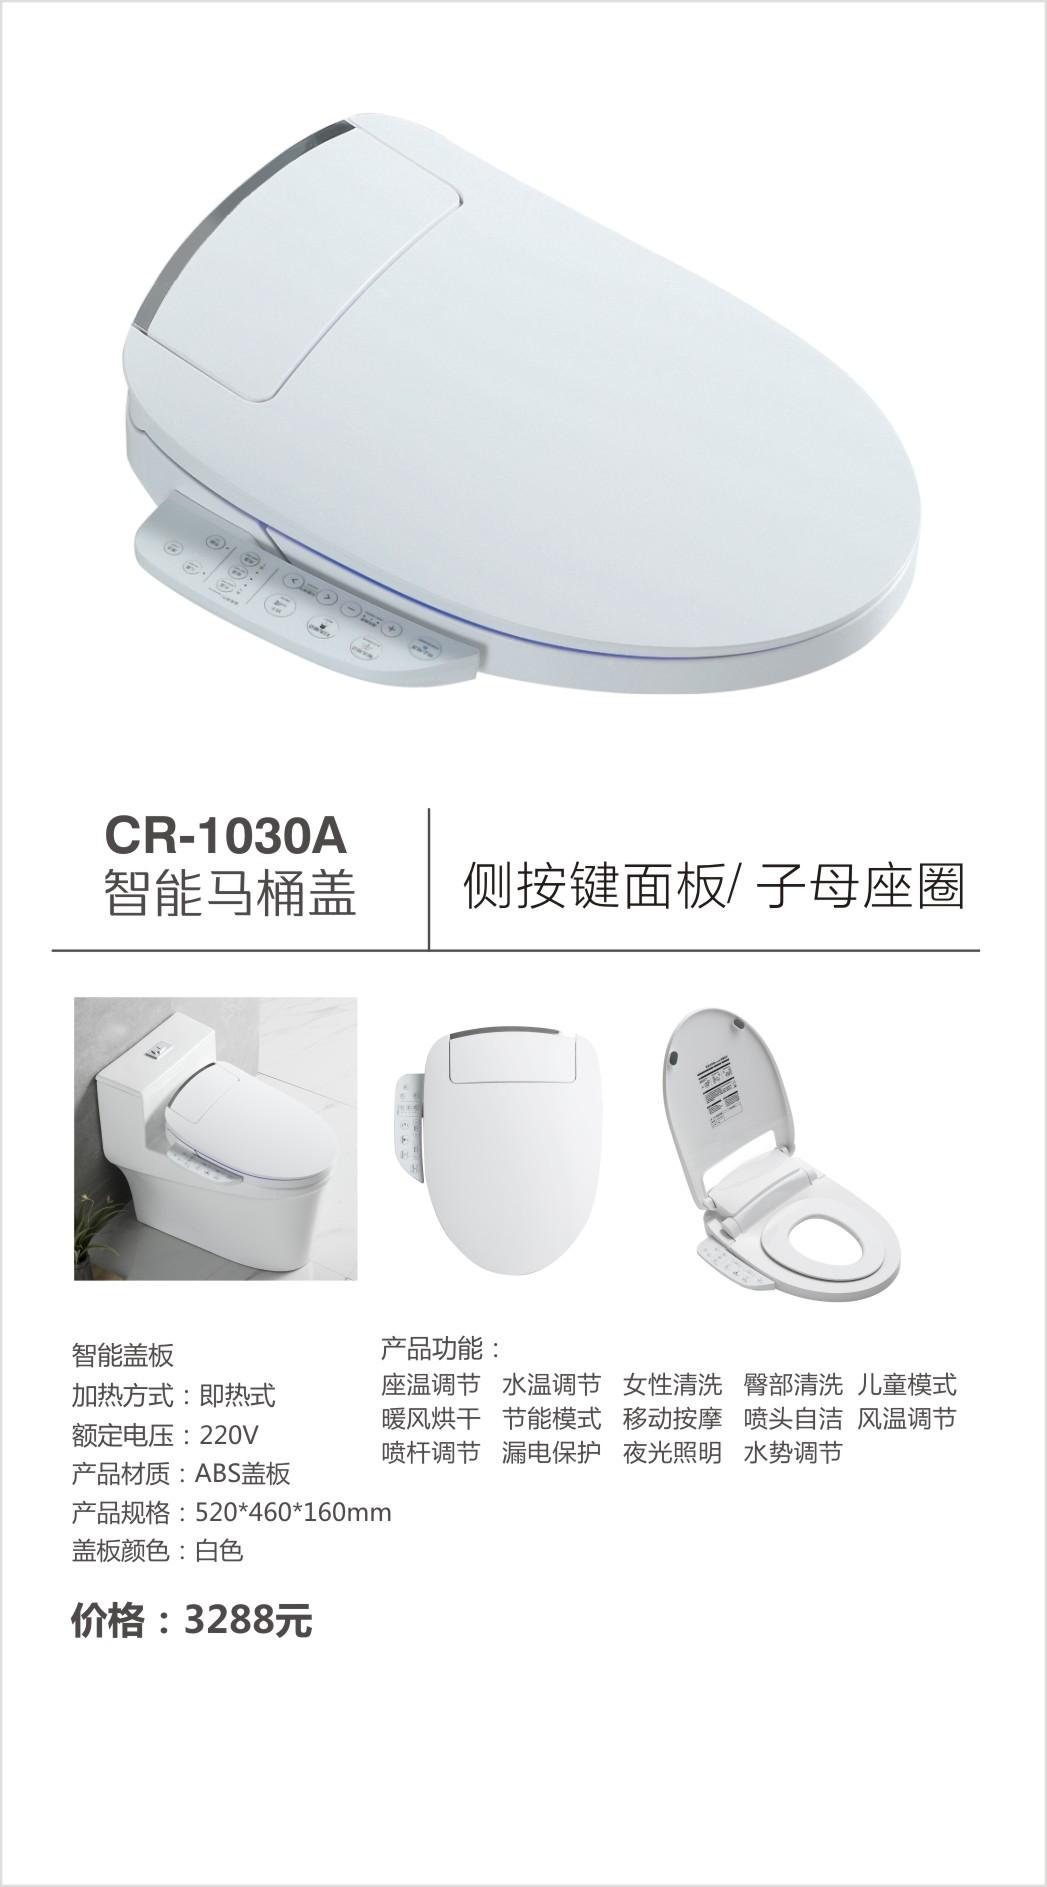 超人(chaoren)卫浴系列马桶盖CR-1030A